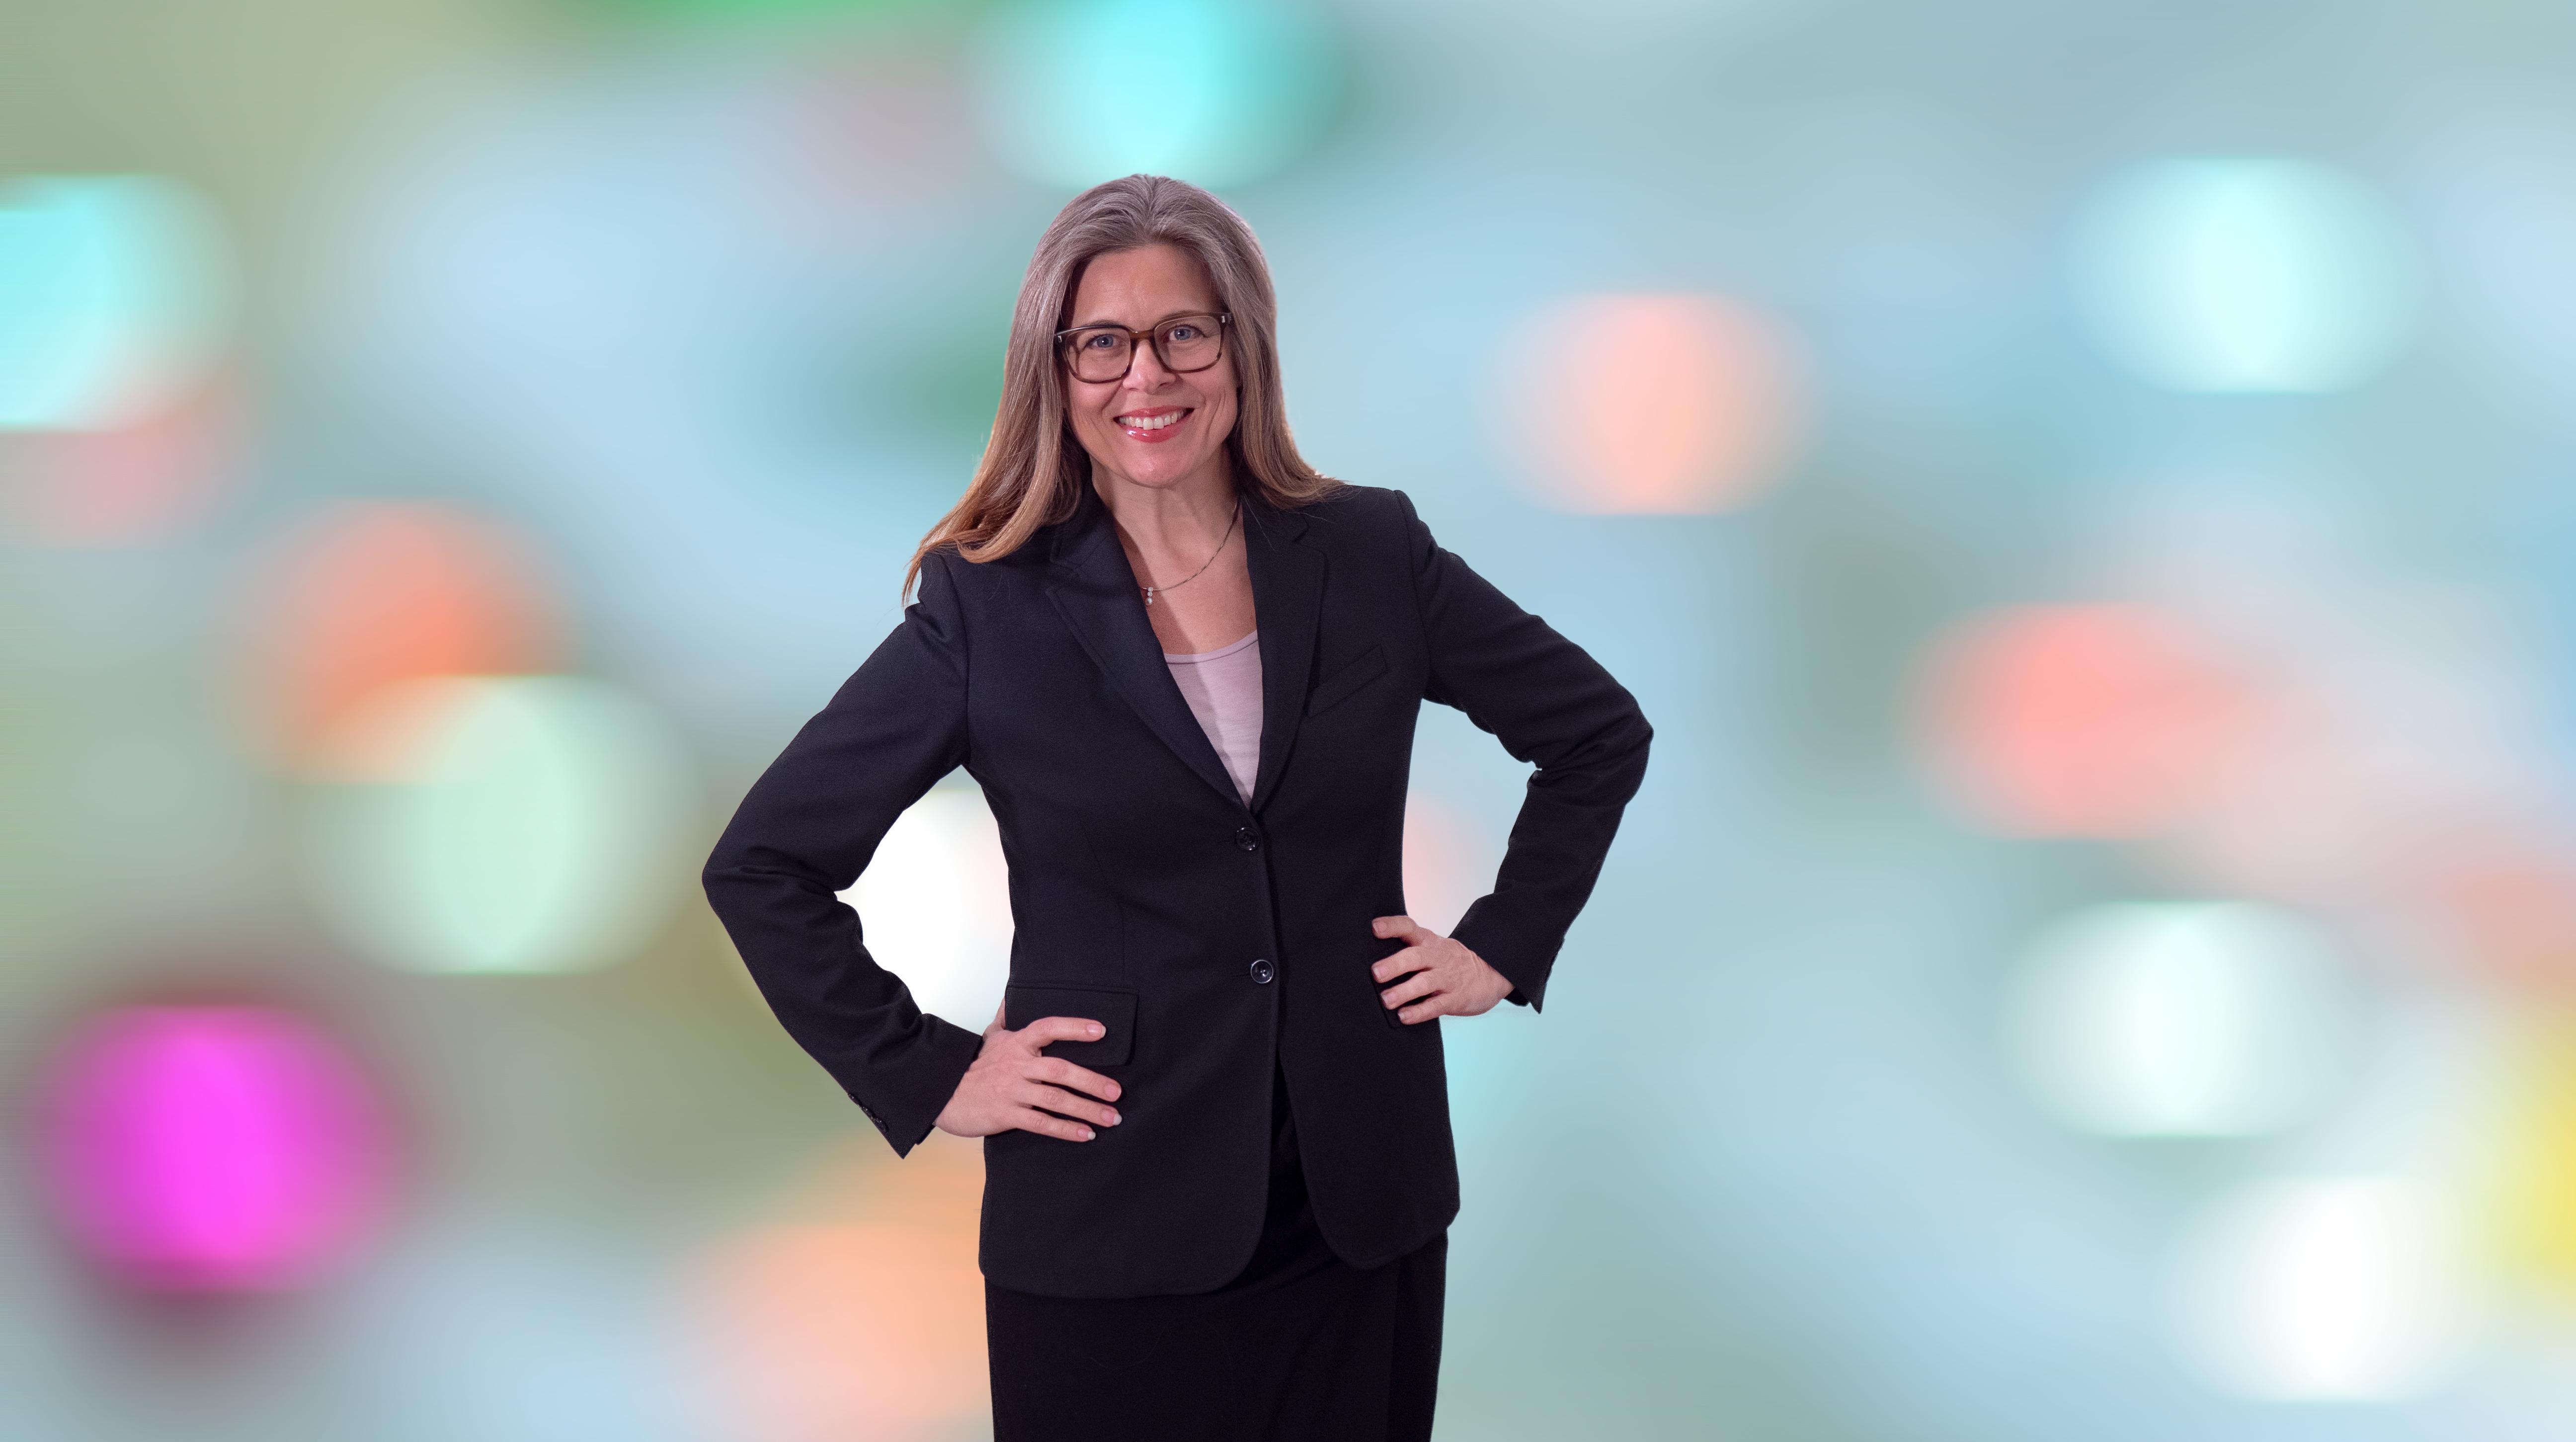 Maria Deckeman: Sluta implementera och börja integrera era värderingar